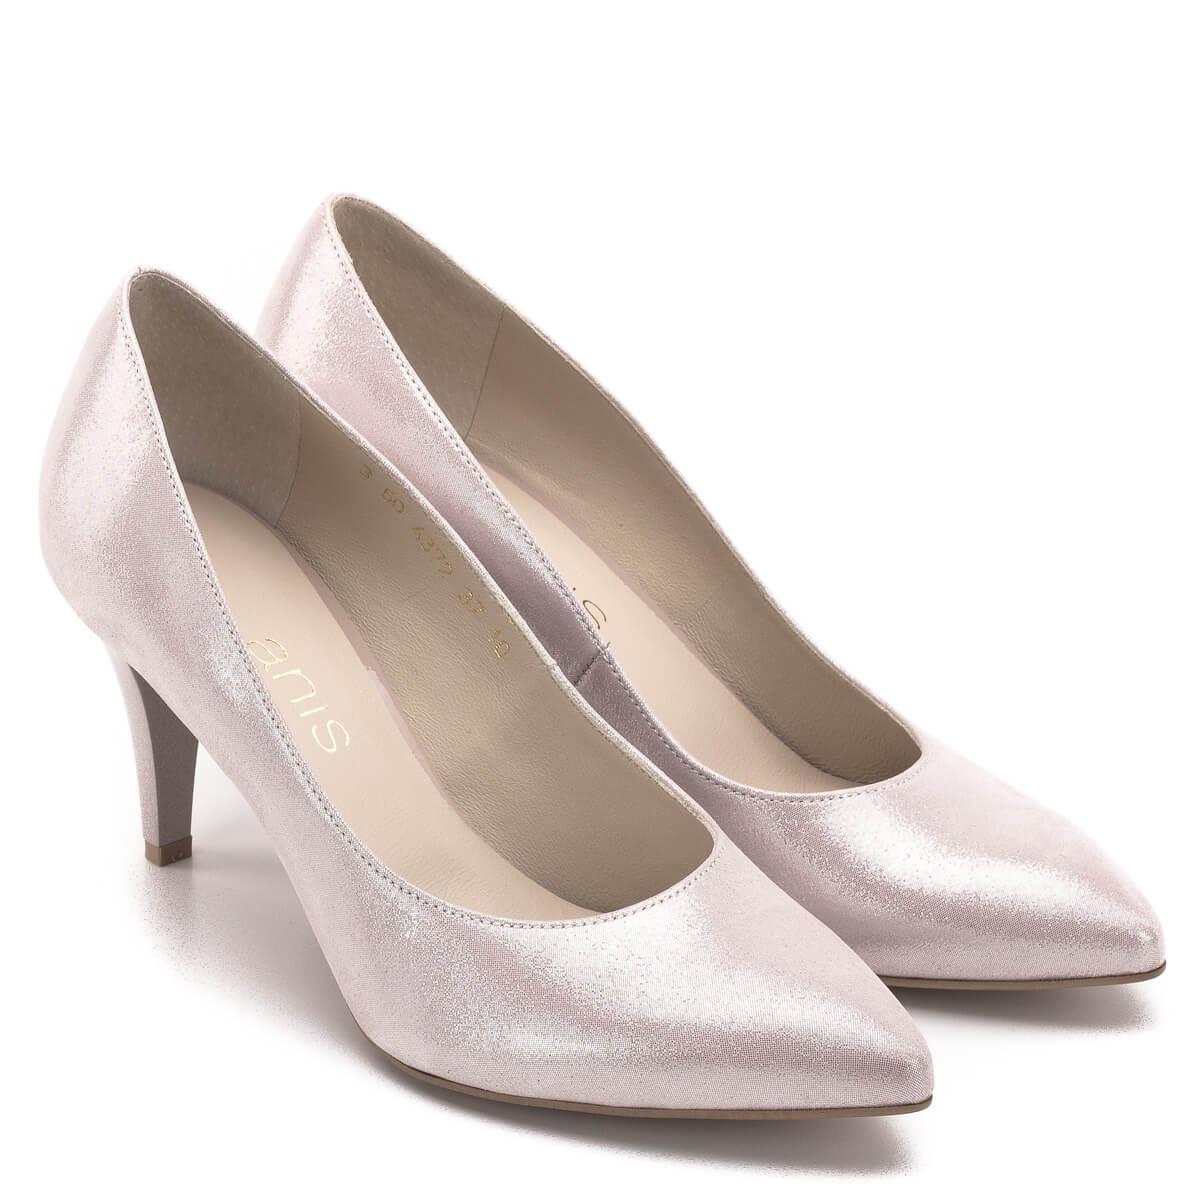 fa0ab4d88a Elegáns körömcipő különleges; Anis cipő 7,5 cm magas sarokkal, púder  rózsaszín színben. Elegáns körömcipő különleges ...